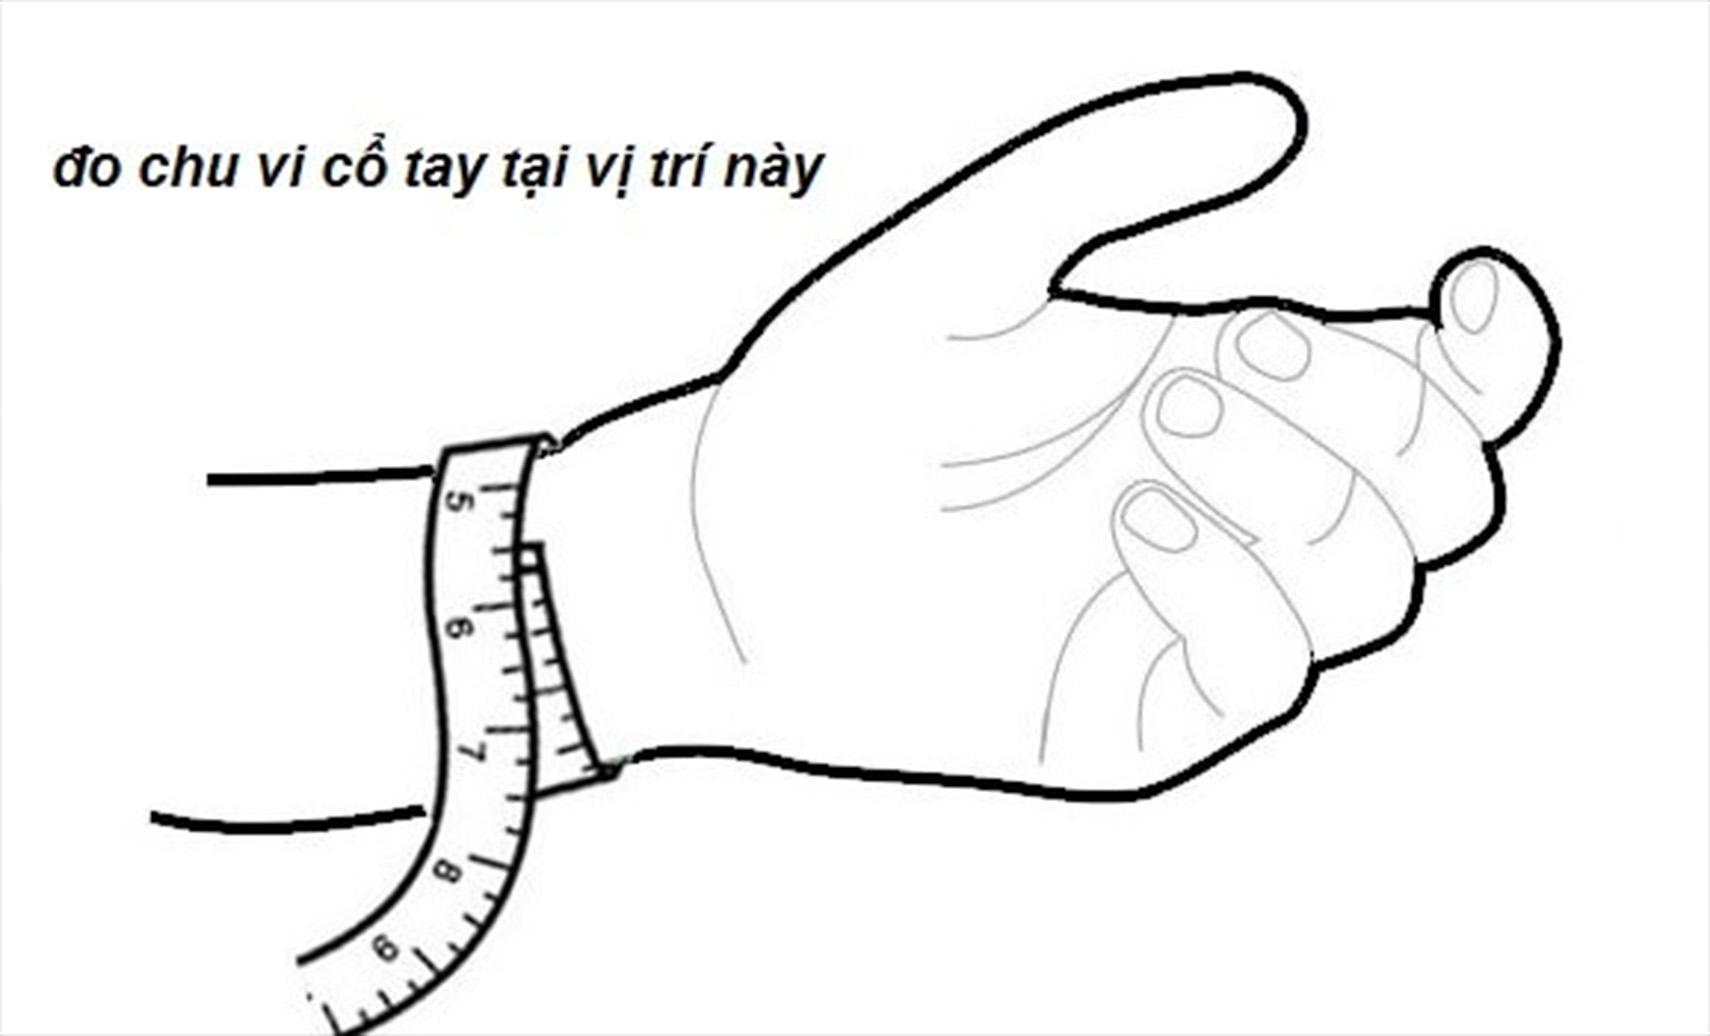 Tính chu vi cổ tay